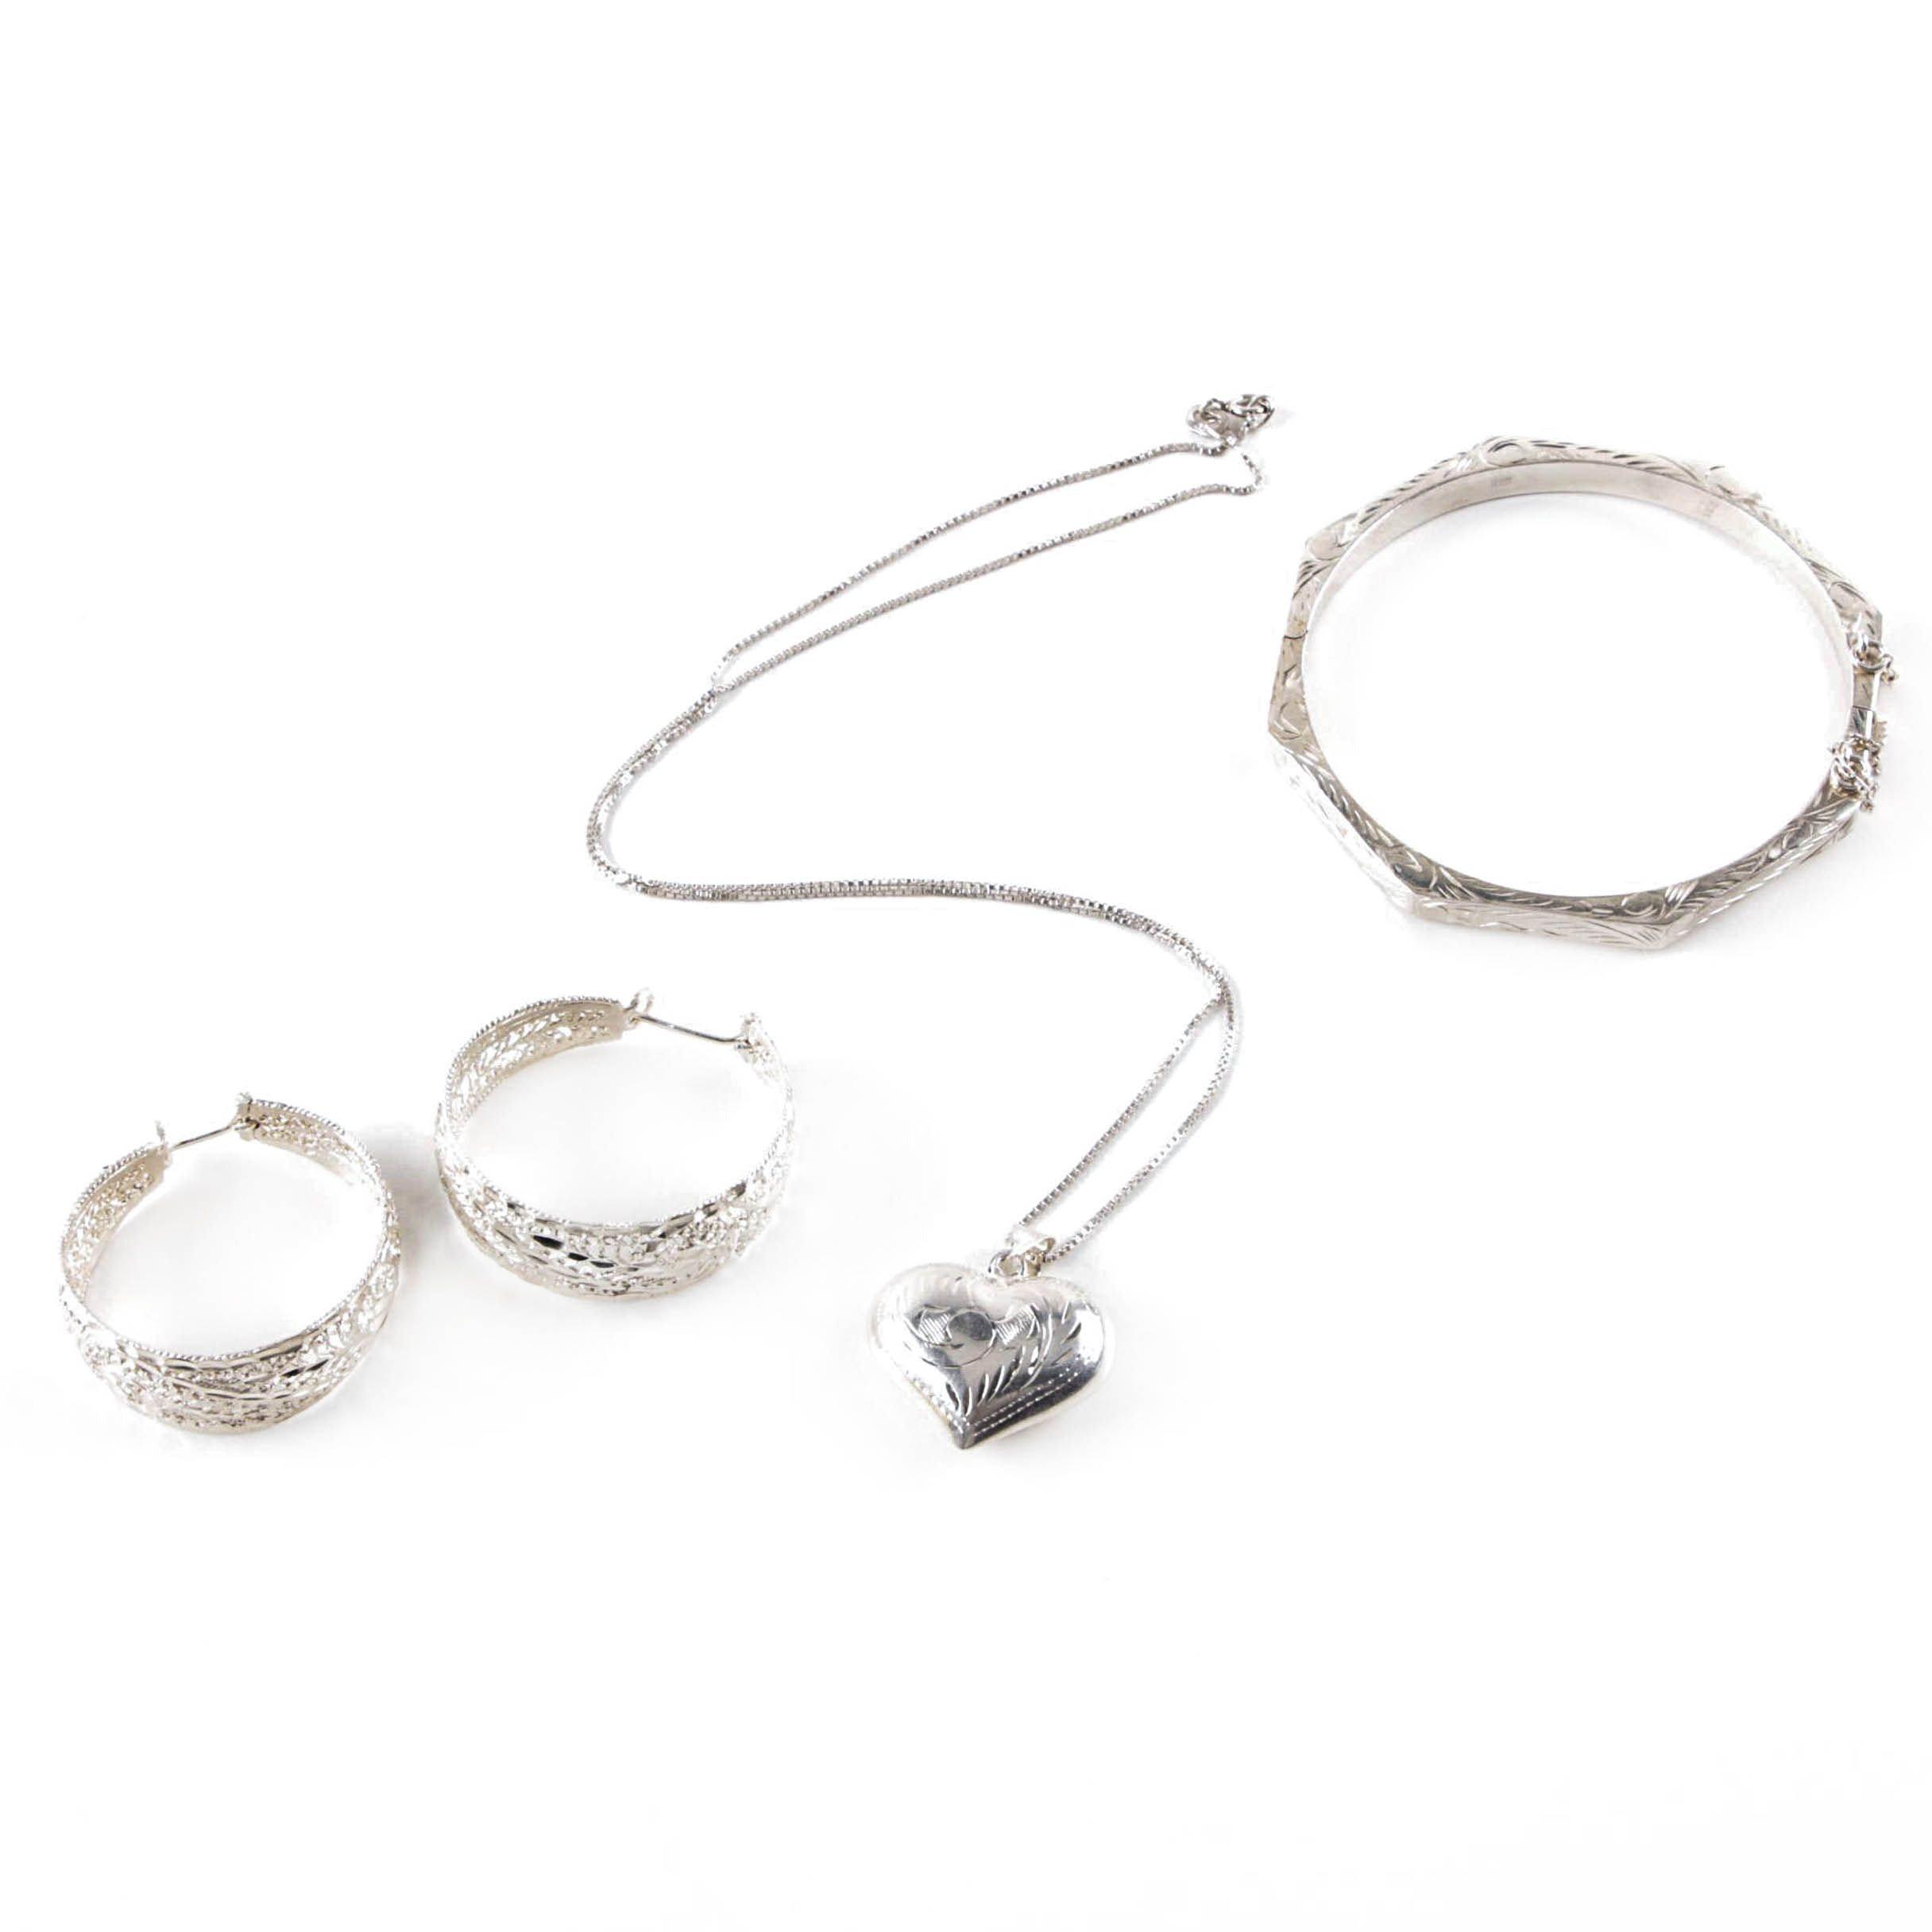 Sterlings Silver Heart Pendant Necklace, Hinged Bracelet and Hoop Earrings